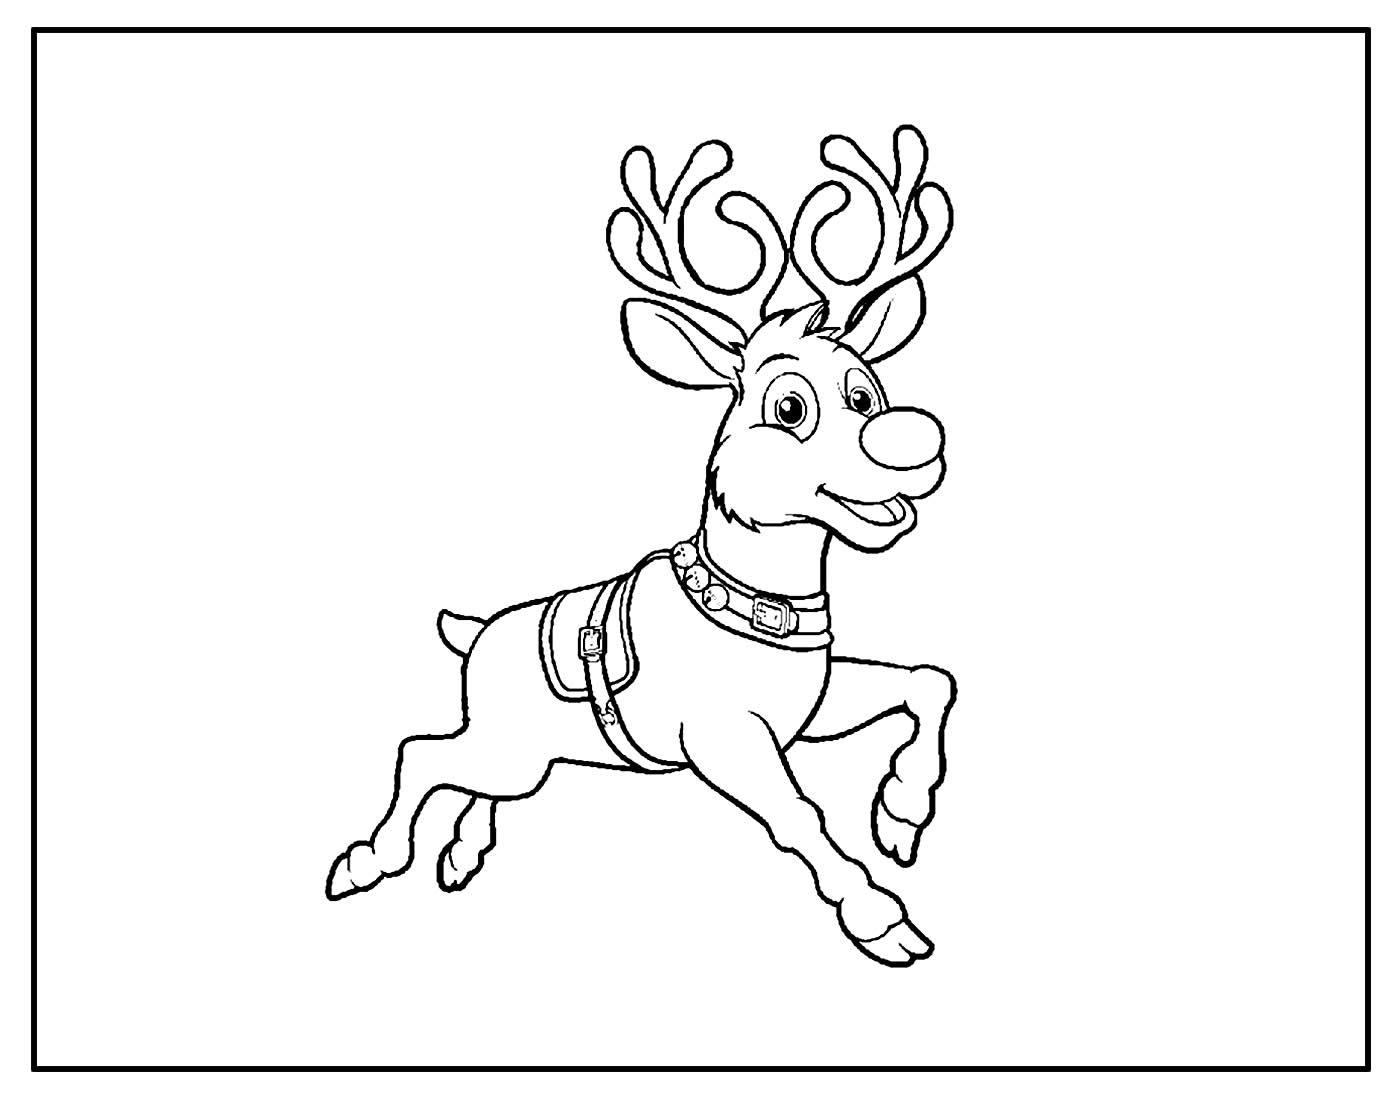 Página para colorir de Reina de Natal